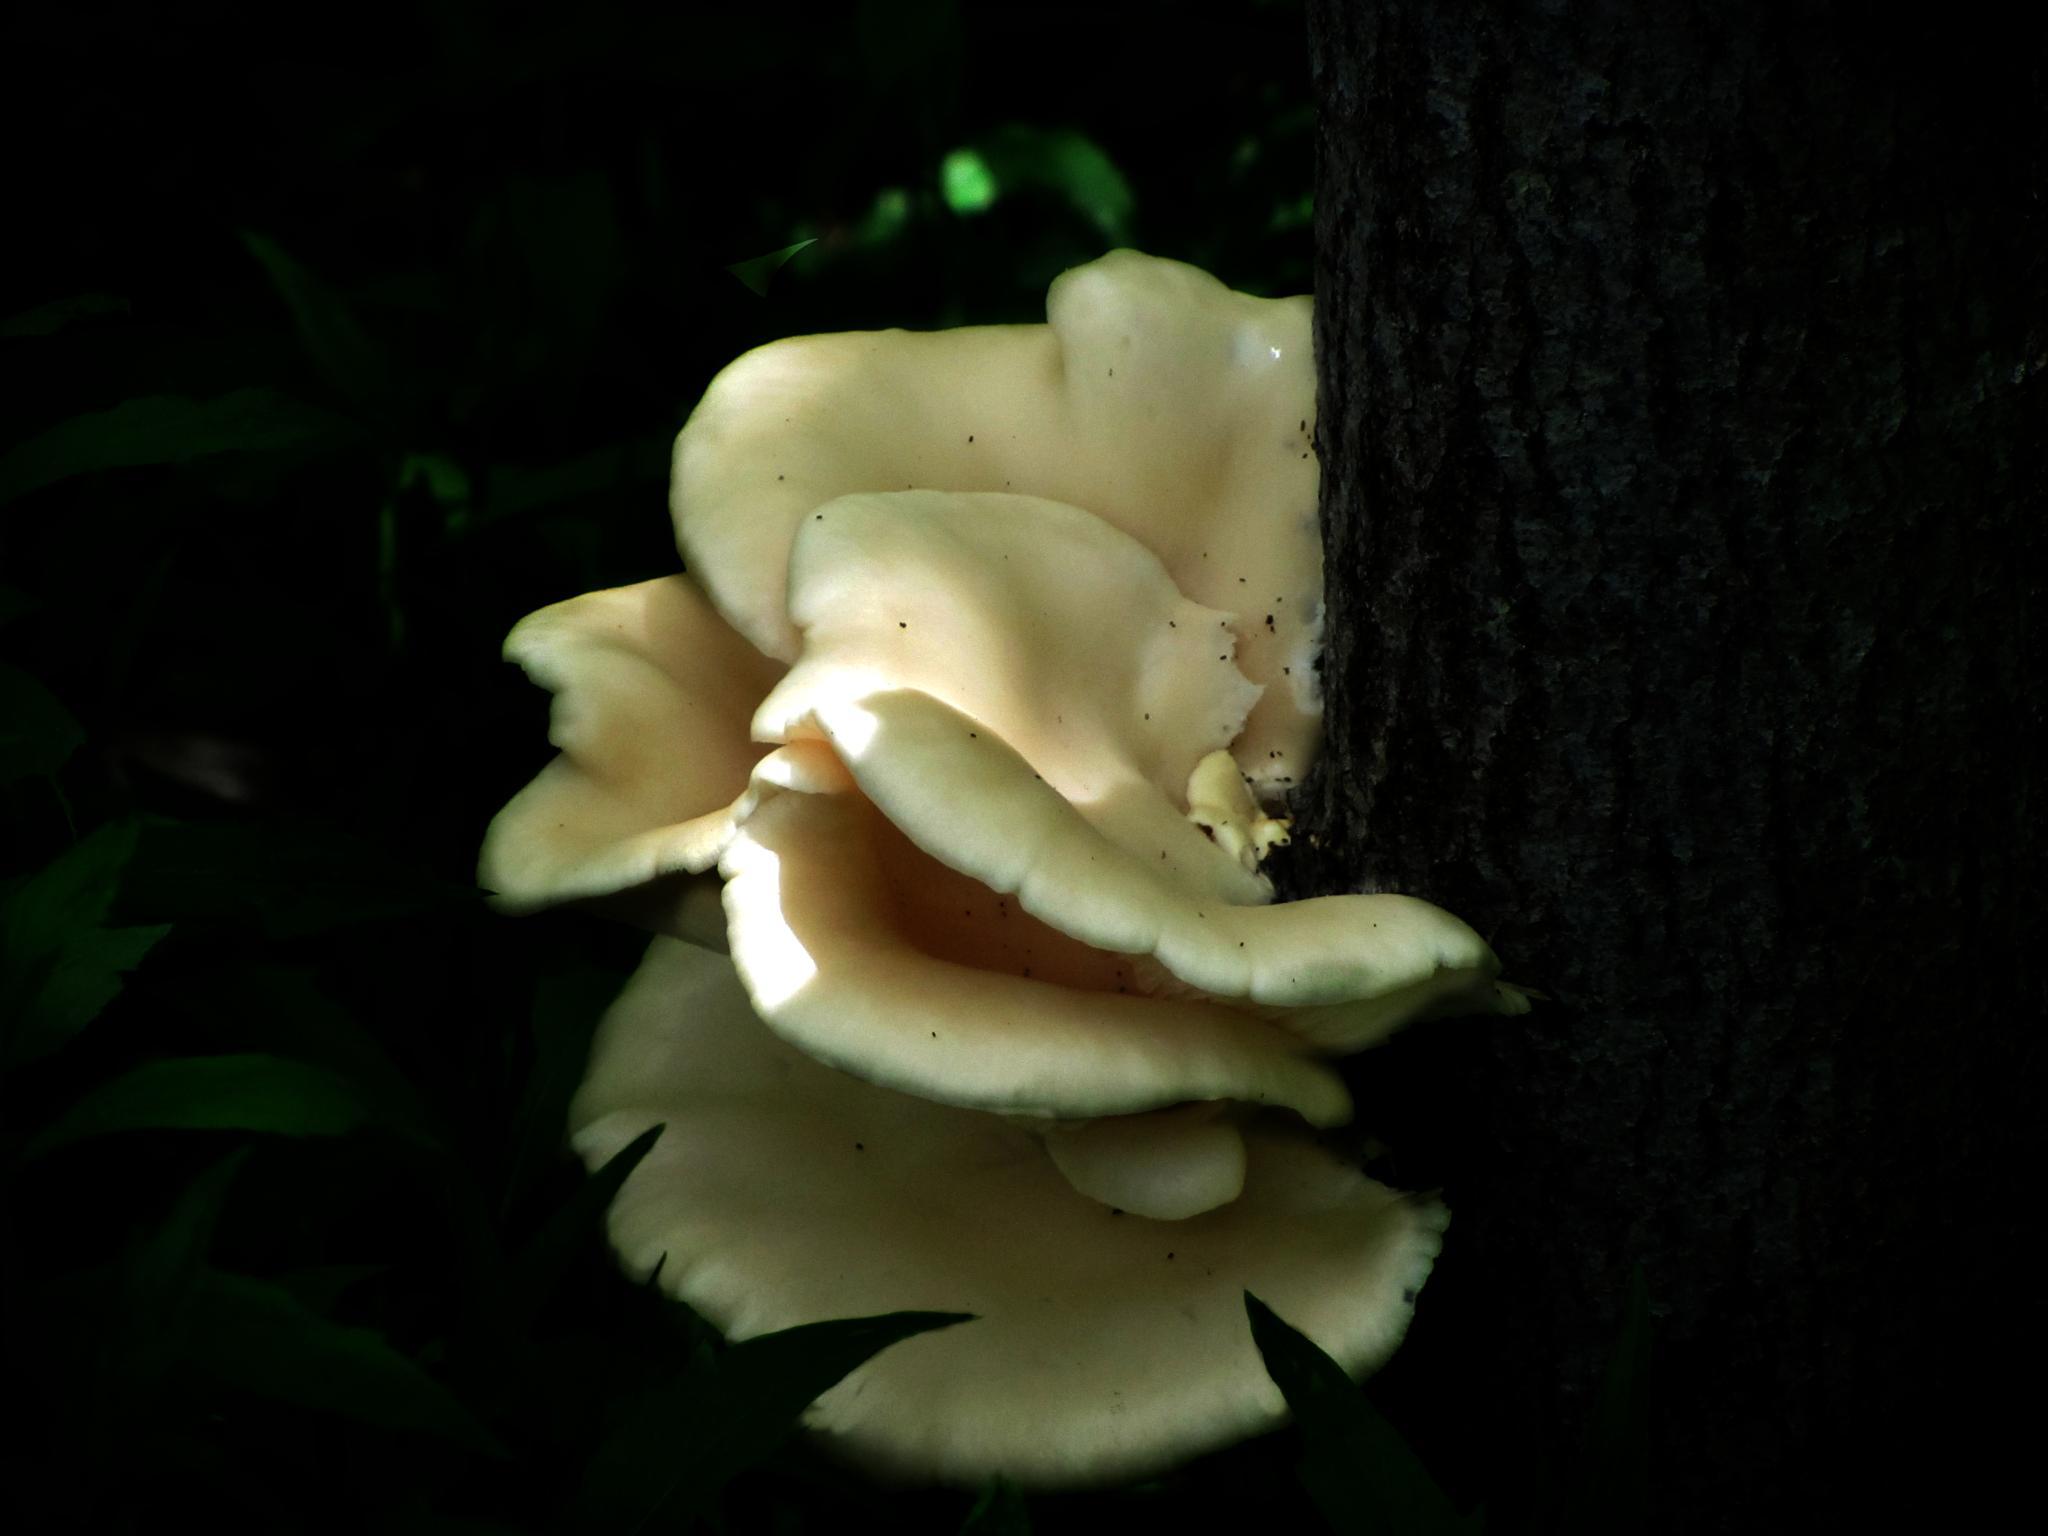 Fresh Fungus by crow eddy